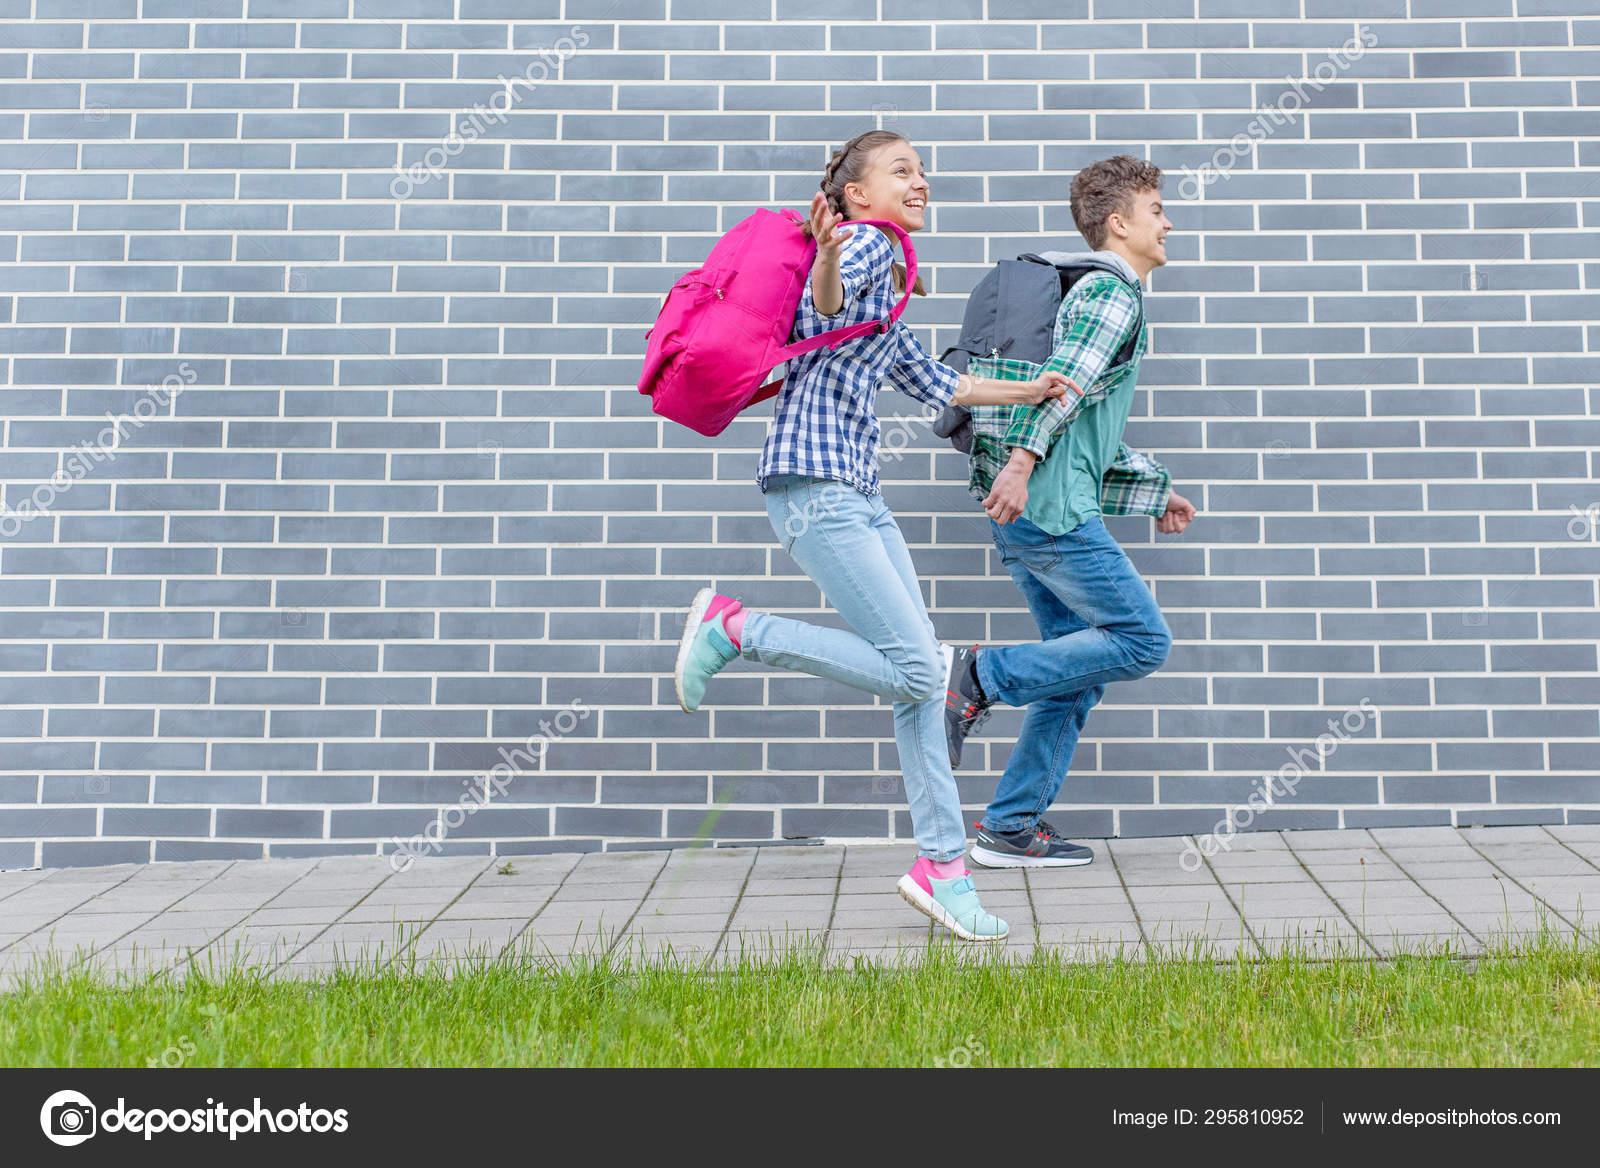 junge teen girls mit jungen boys